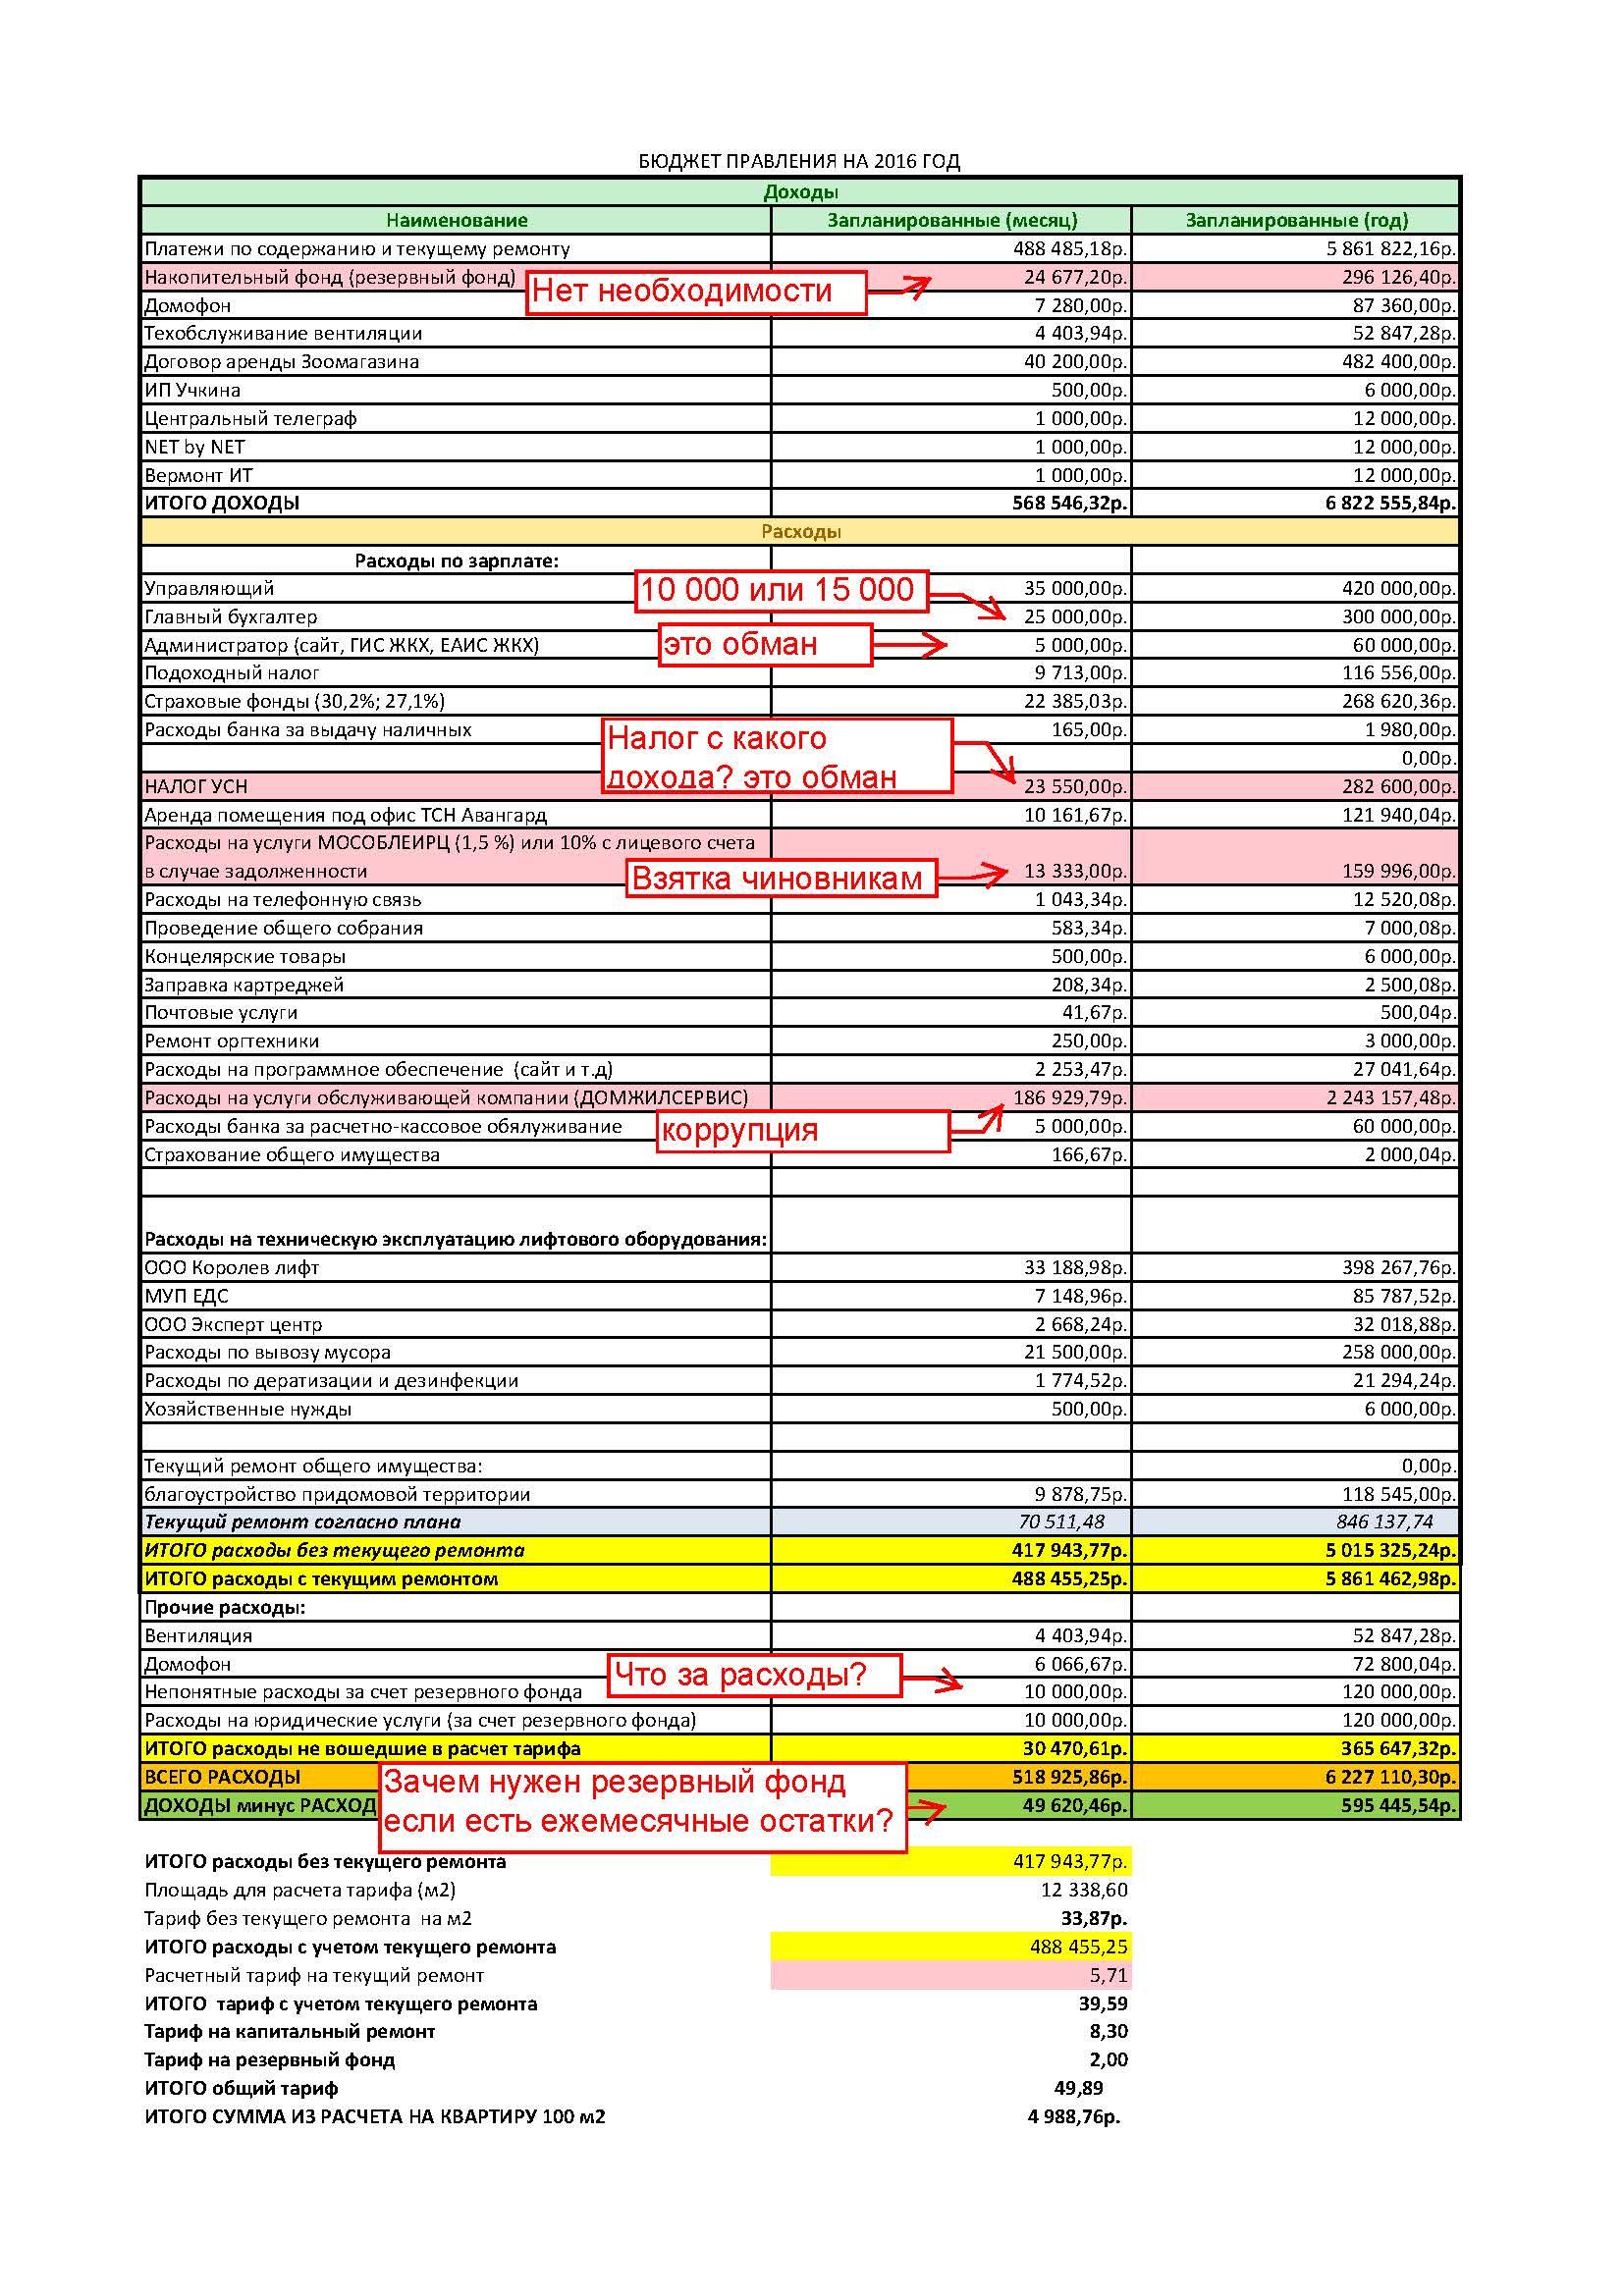 Бюджет  ТСН 2016